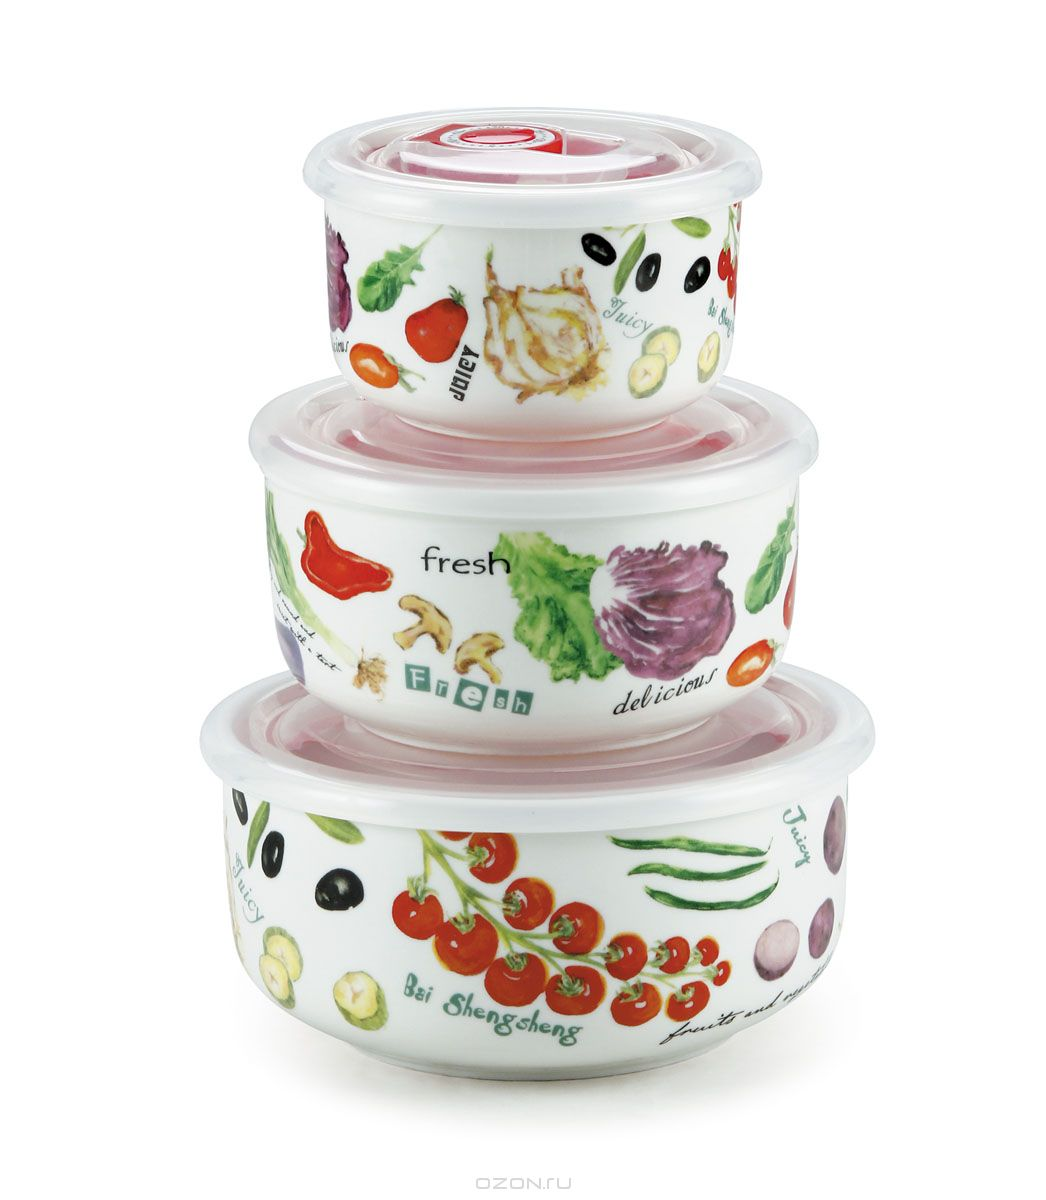 Набор контейнеров Bekker Овощи, 3 шт21395599Набор Bekker Овощи состоит из трех круглых контейнеров, выполненных из высококачественного фарфора. Внешние стенки изделий декорированы красочным изображением овощей. Контейнеры снабжены пластиковыми прозрачными крышками, которые имеют силиконовую прослойку и клапан для создания вакуума, это позволяет дольше хранить продукты. Такой набор подходит для домашнего использования, контейнеры также удобно брать с собой на учебу или работу. Подходят для приготовления блюд в микроволновой печи и духовом шкафу (без крышки) при нагревании до +130°С и для замораживания (с крышкой) при температуре -30°С. Подходят для чистки в посудомоечной машине. Диаметр контейнеров: 10 см, 13 см, 15 см. Высота стенок контейнеров: 6 см, 6,5 см, 7 см. Объем контейнеров: 300 мл, 550 мл, 950 мл.